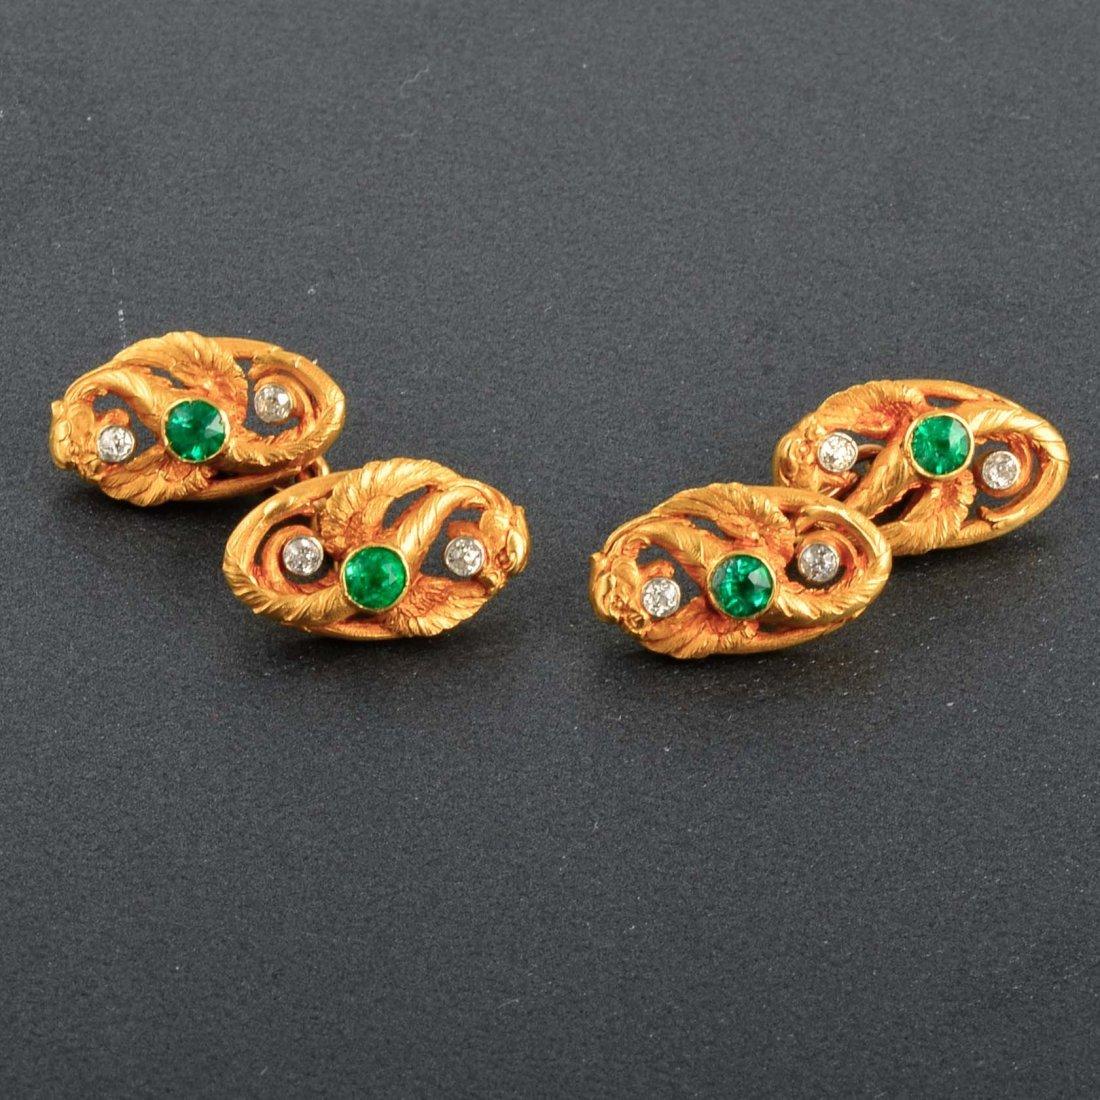 Art Nouveau 18K YG Emerald and Diamond Cufflink